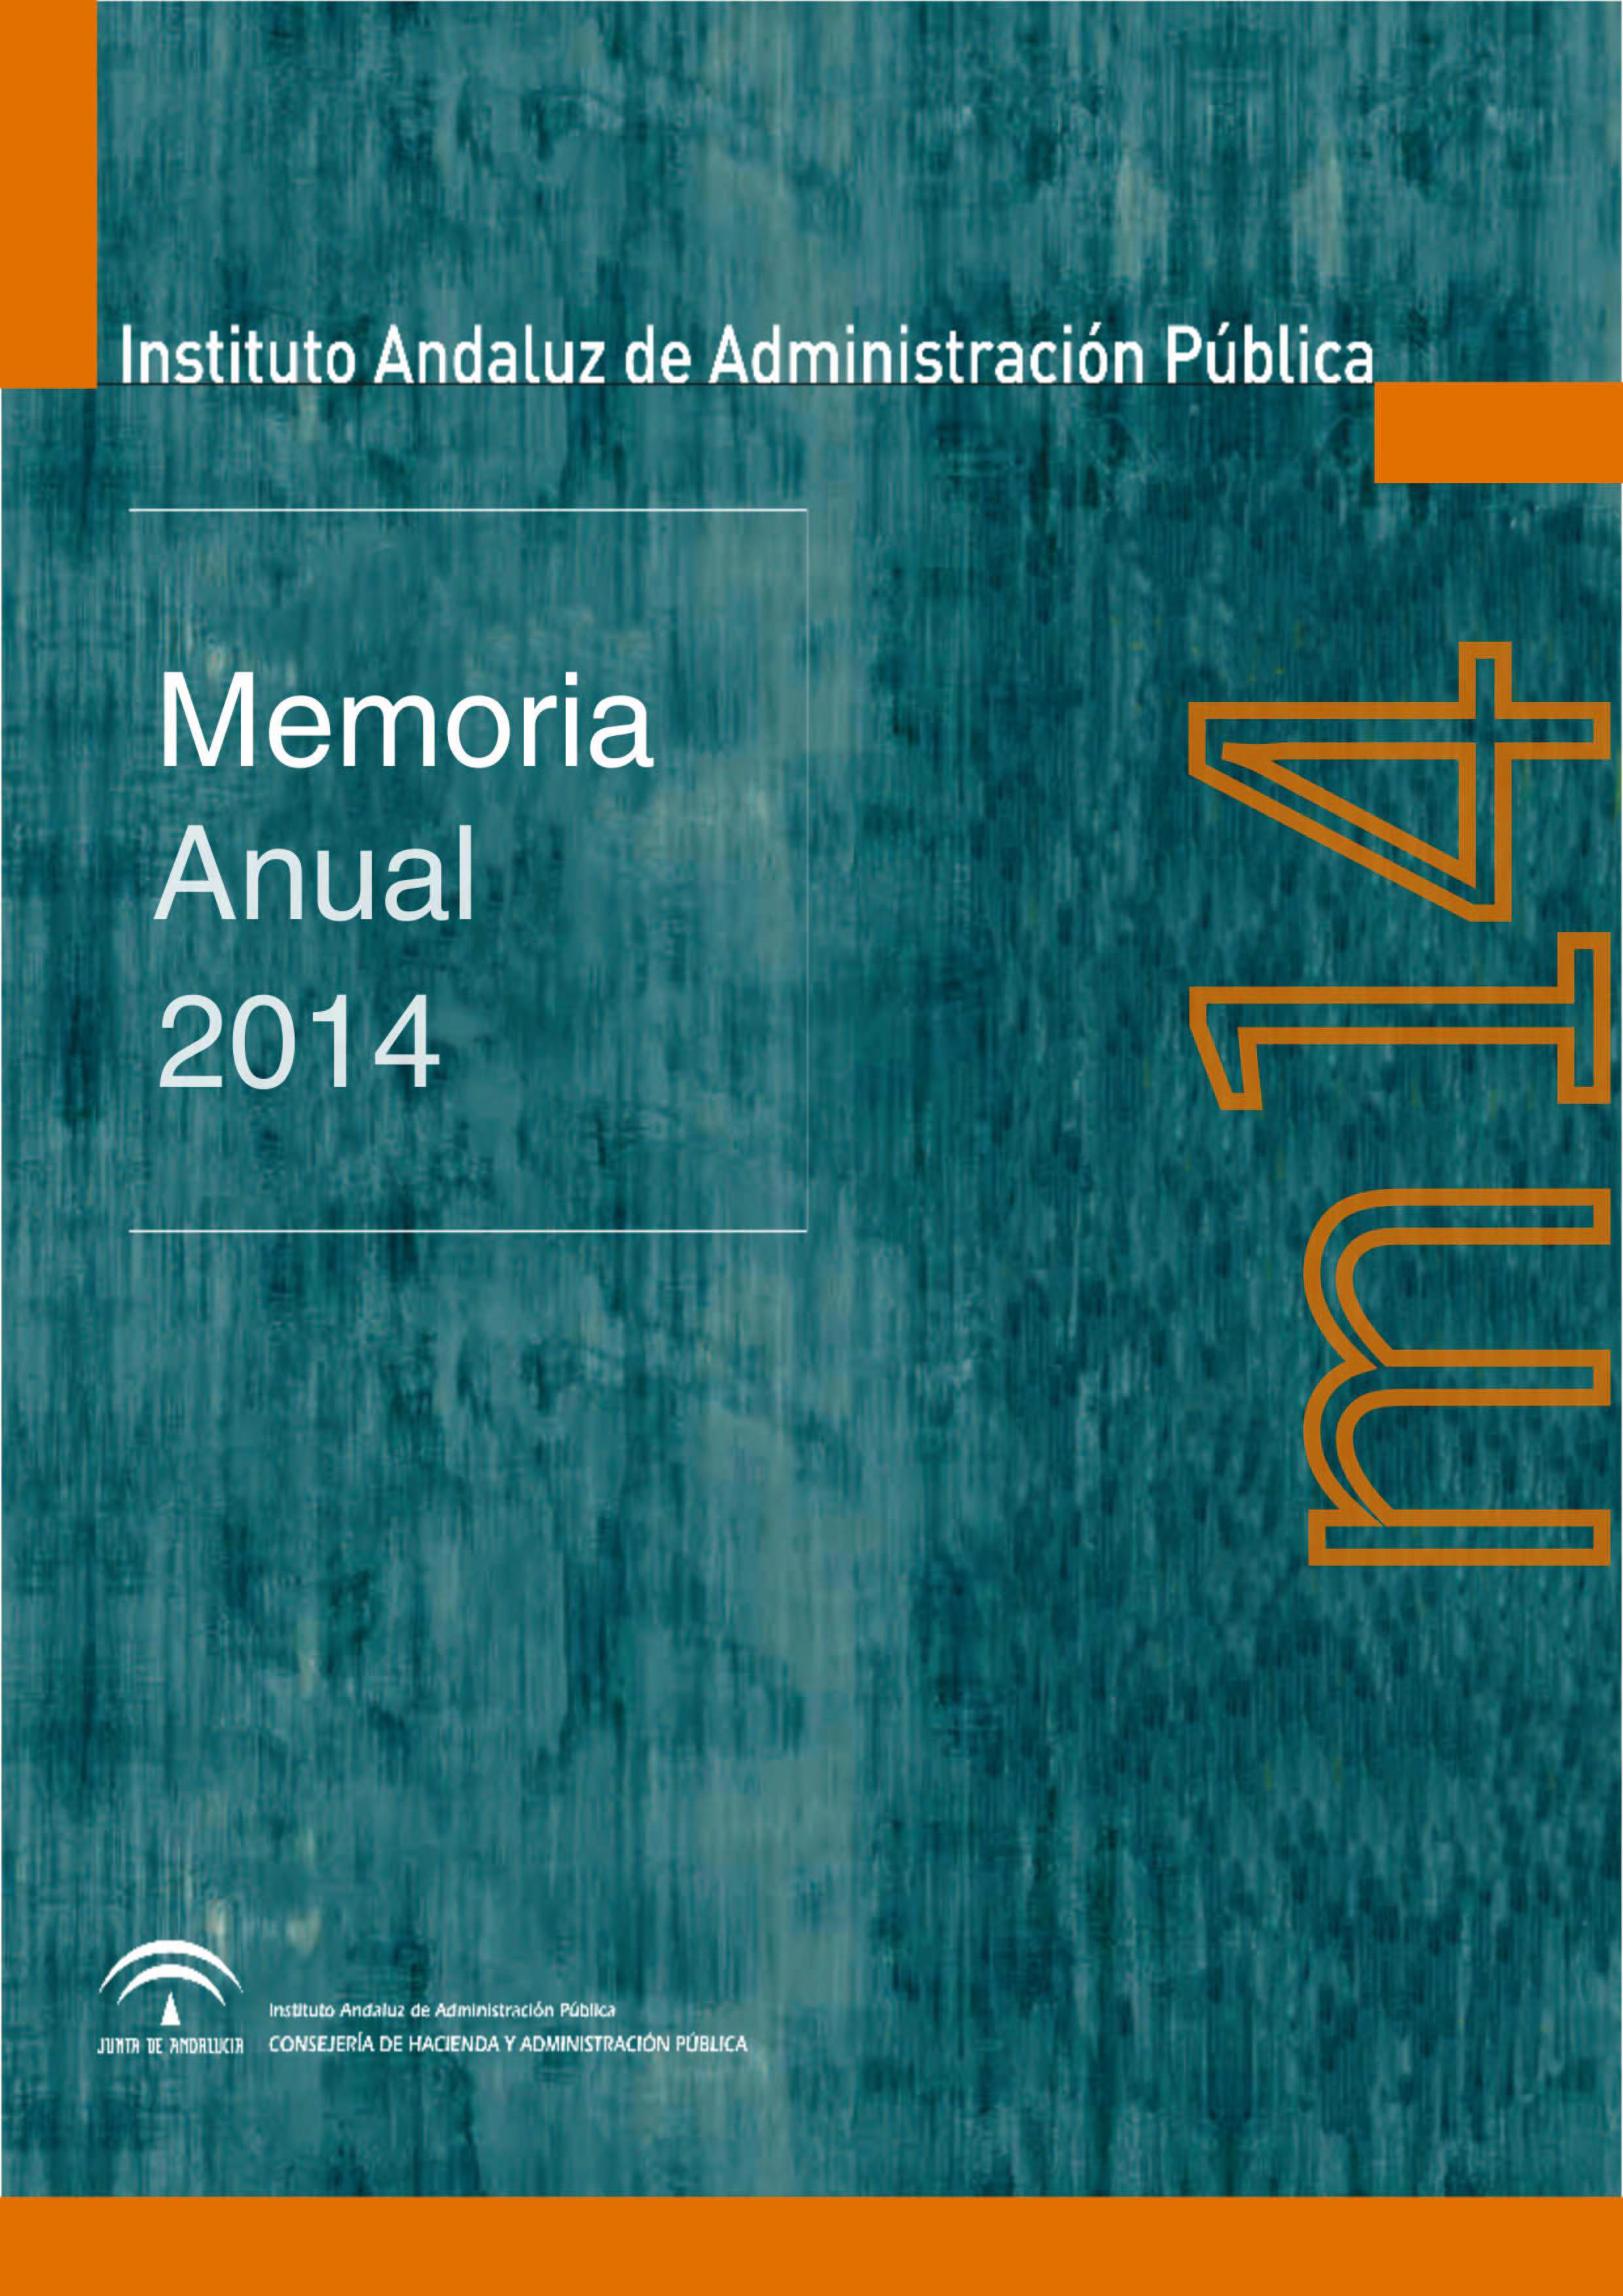 MEMORIA. INSTITUTO ANDALUZ DE ADMINISTRACI�N P�BLICA. 2014